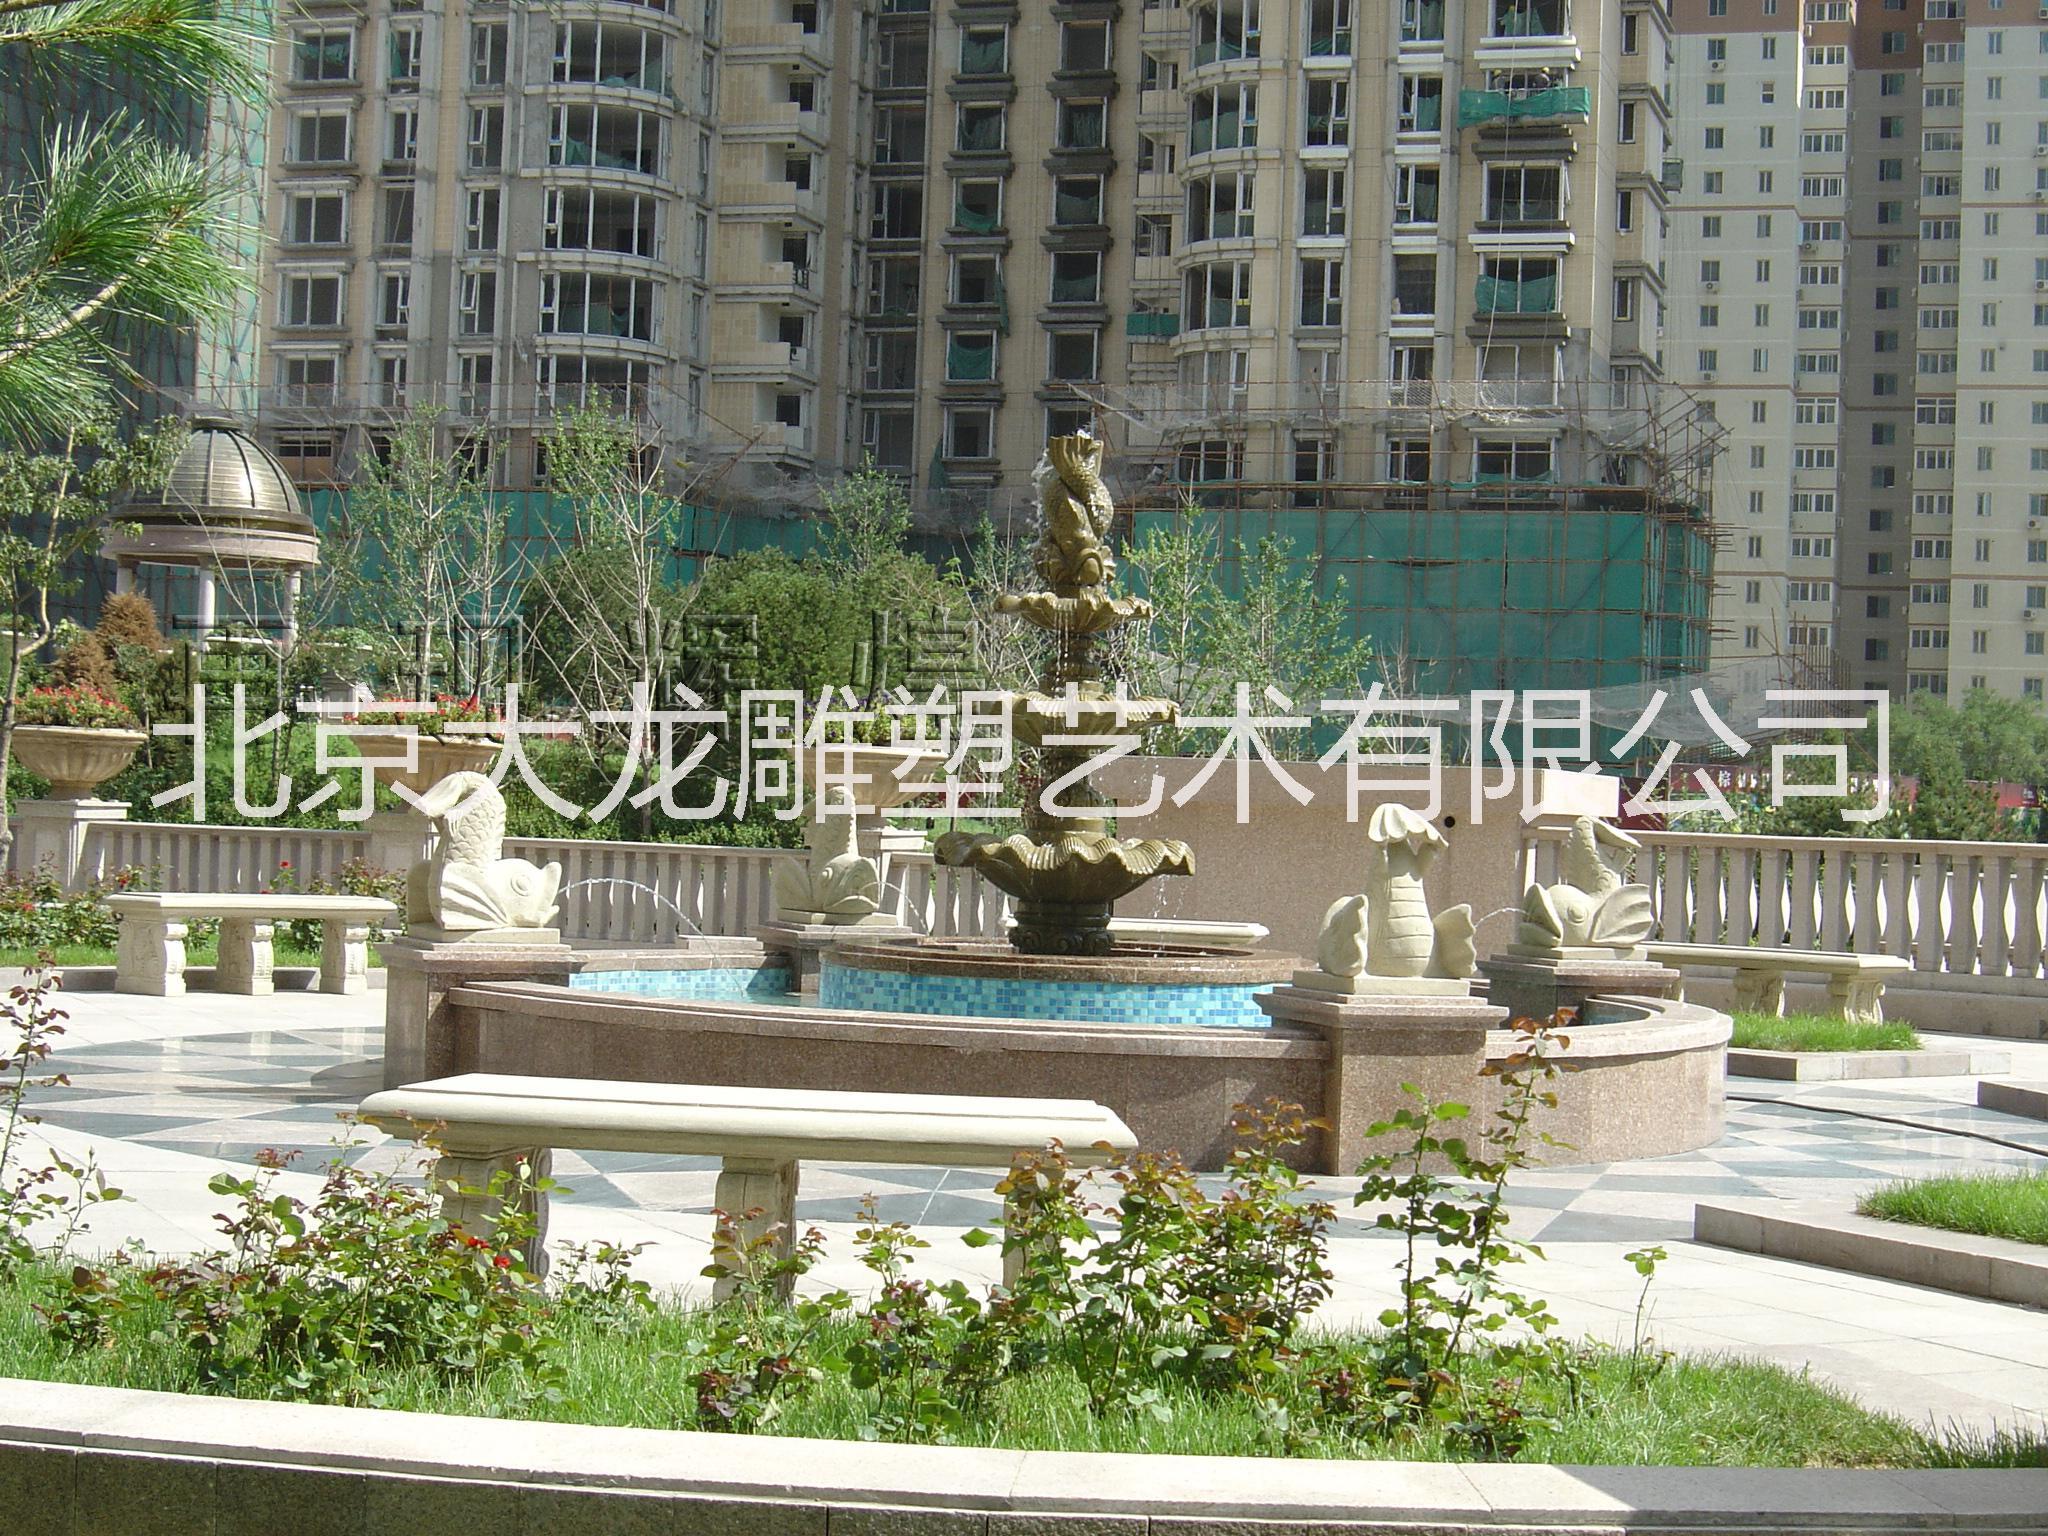 人造砂岩雕塑喷泉景观雕塑报价